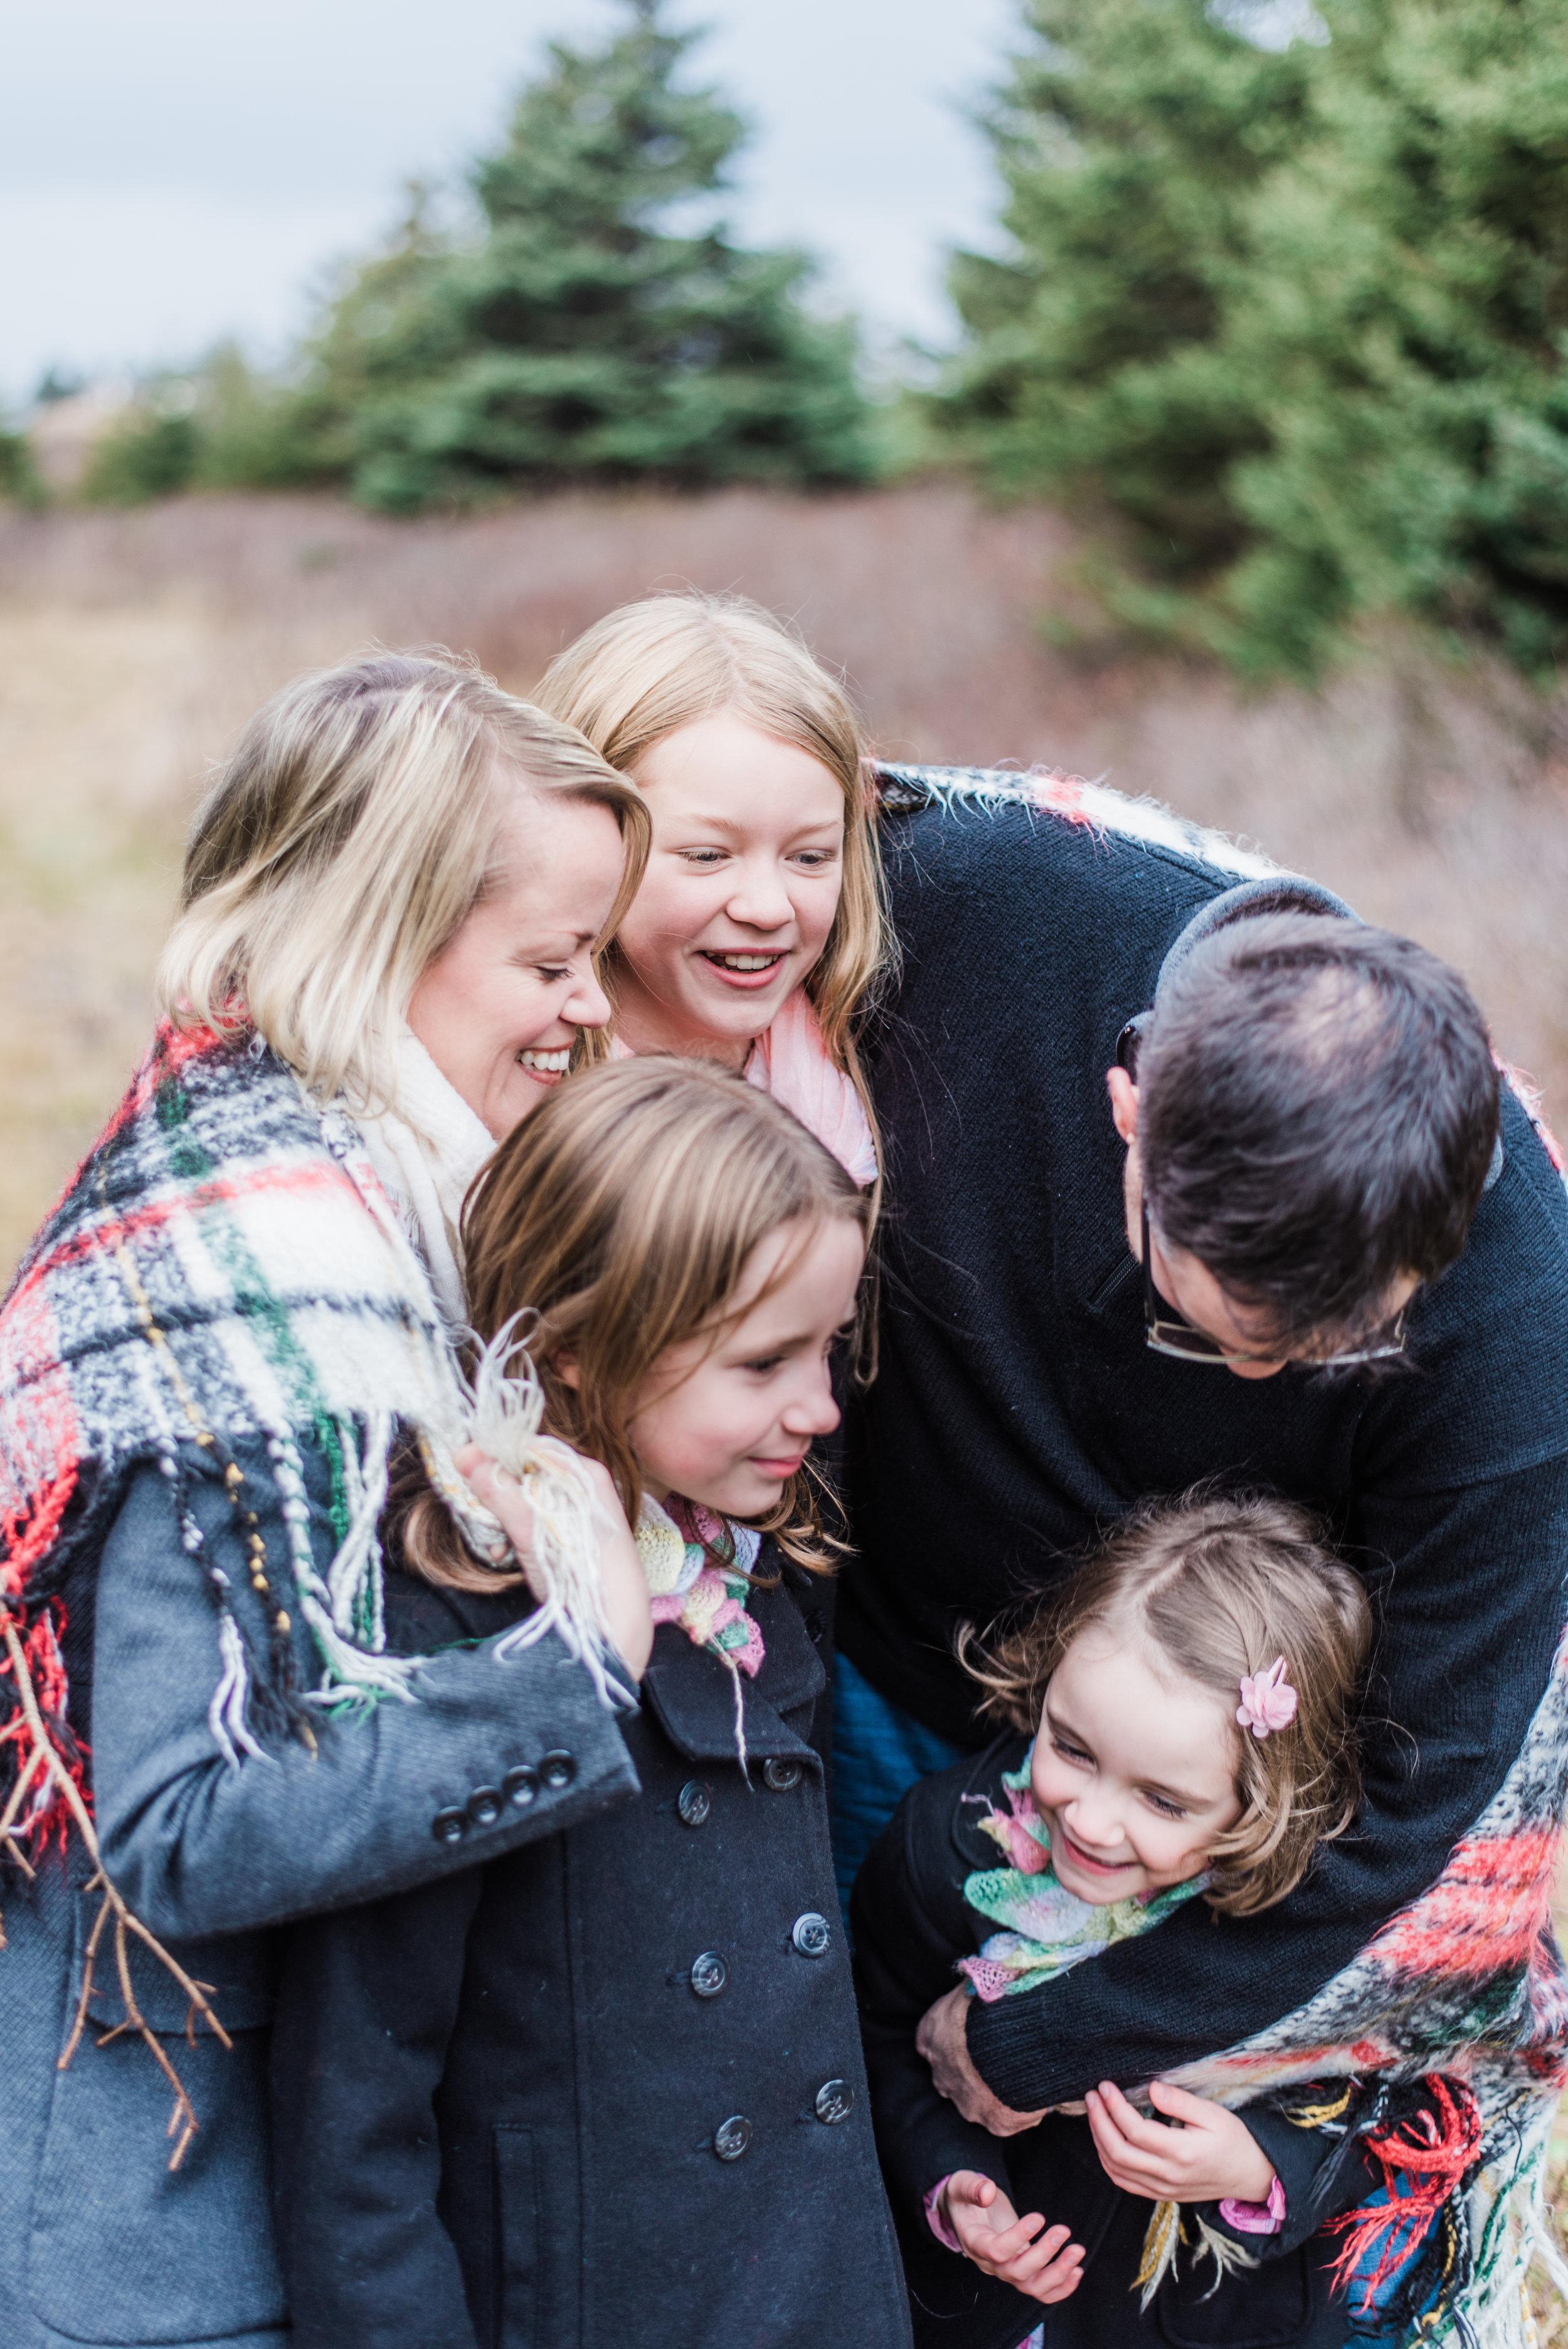 The_Bains_Family (15 of 41).jpg